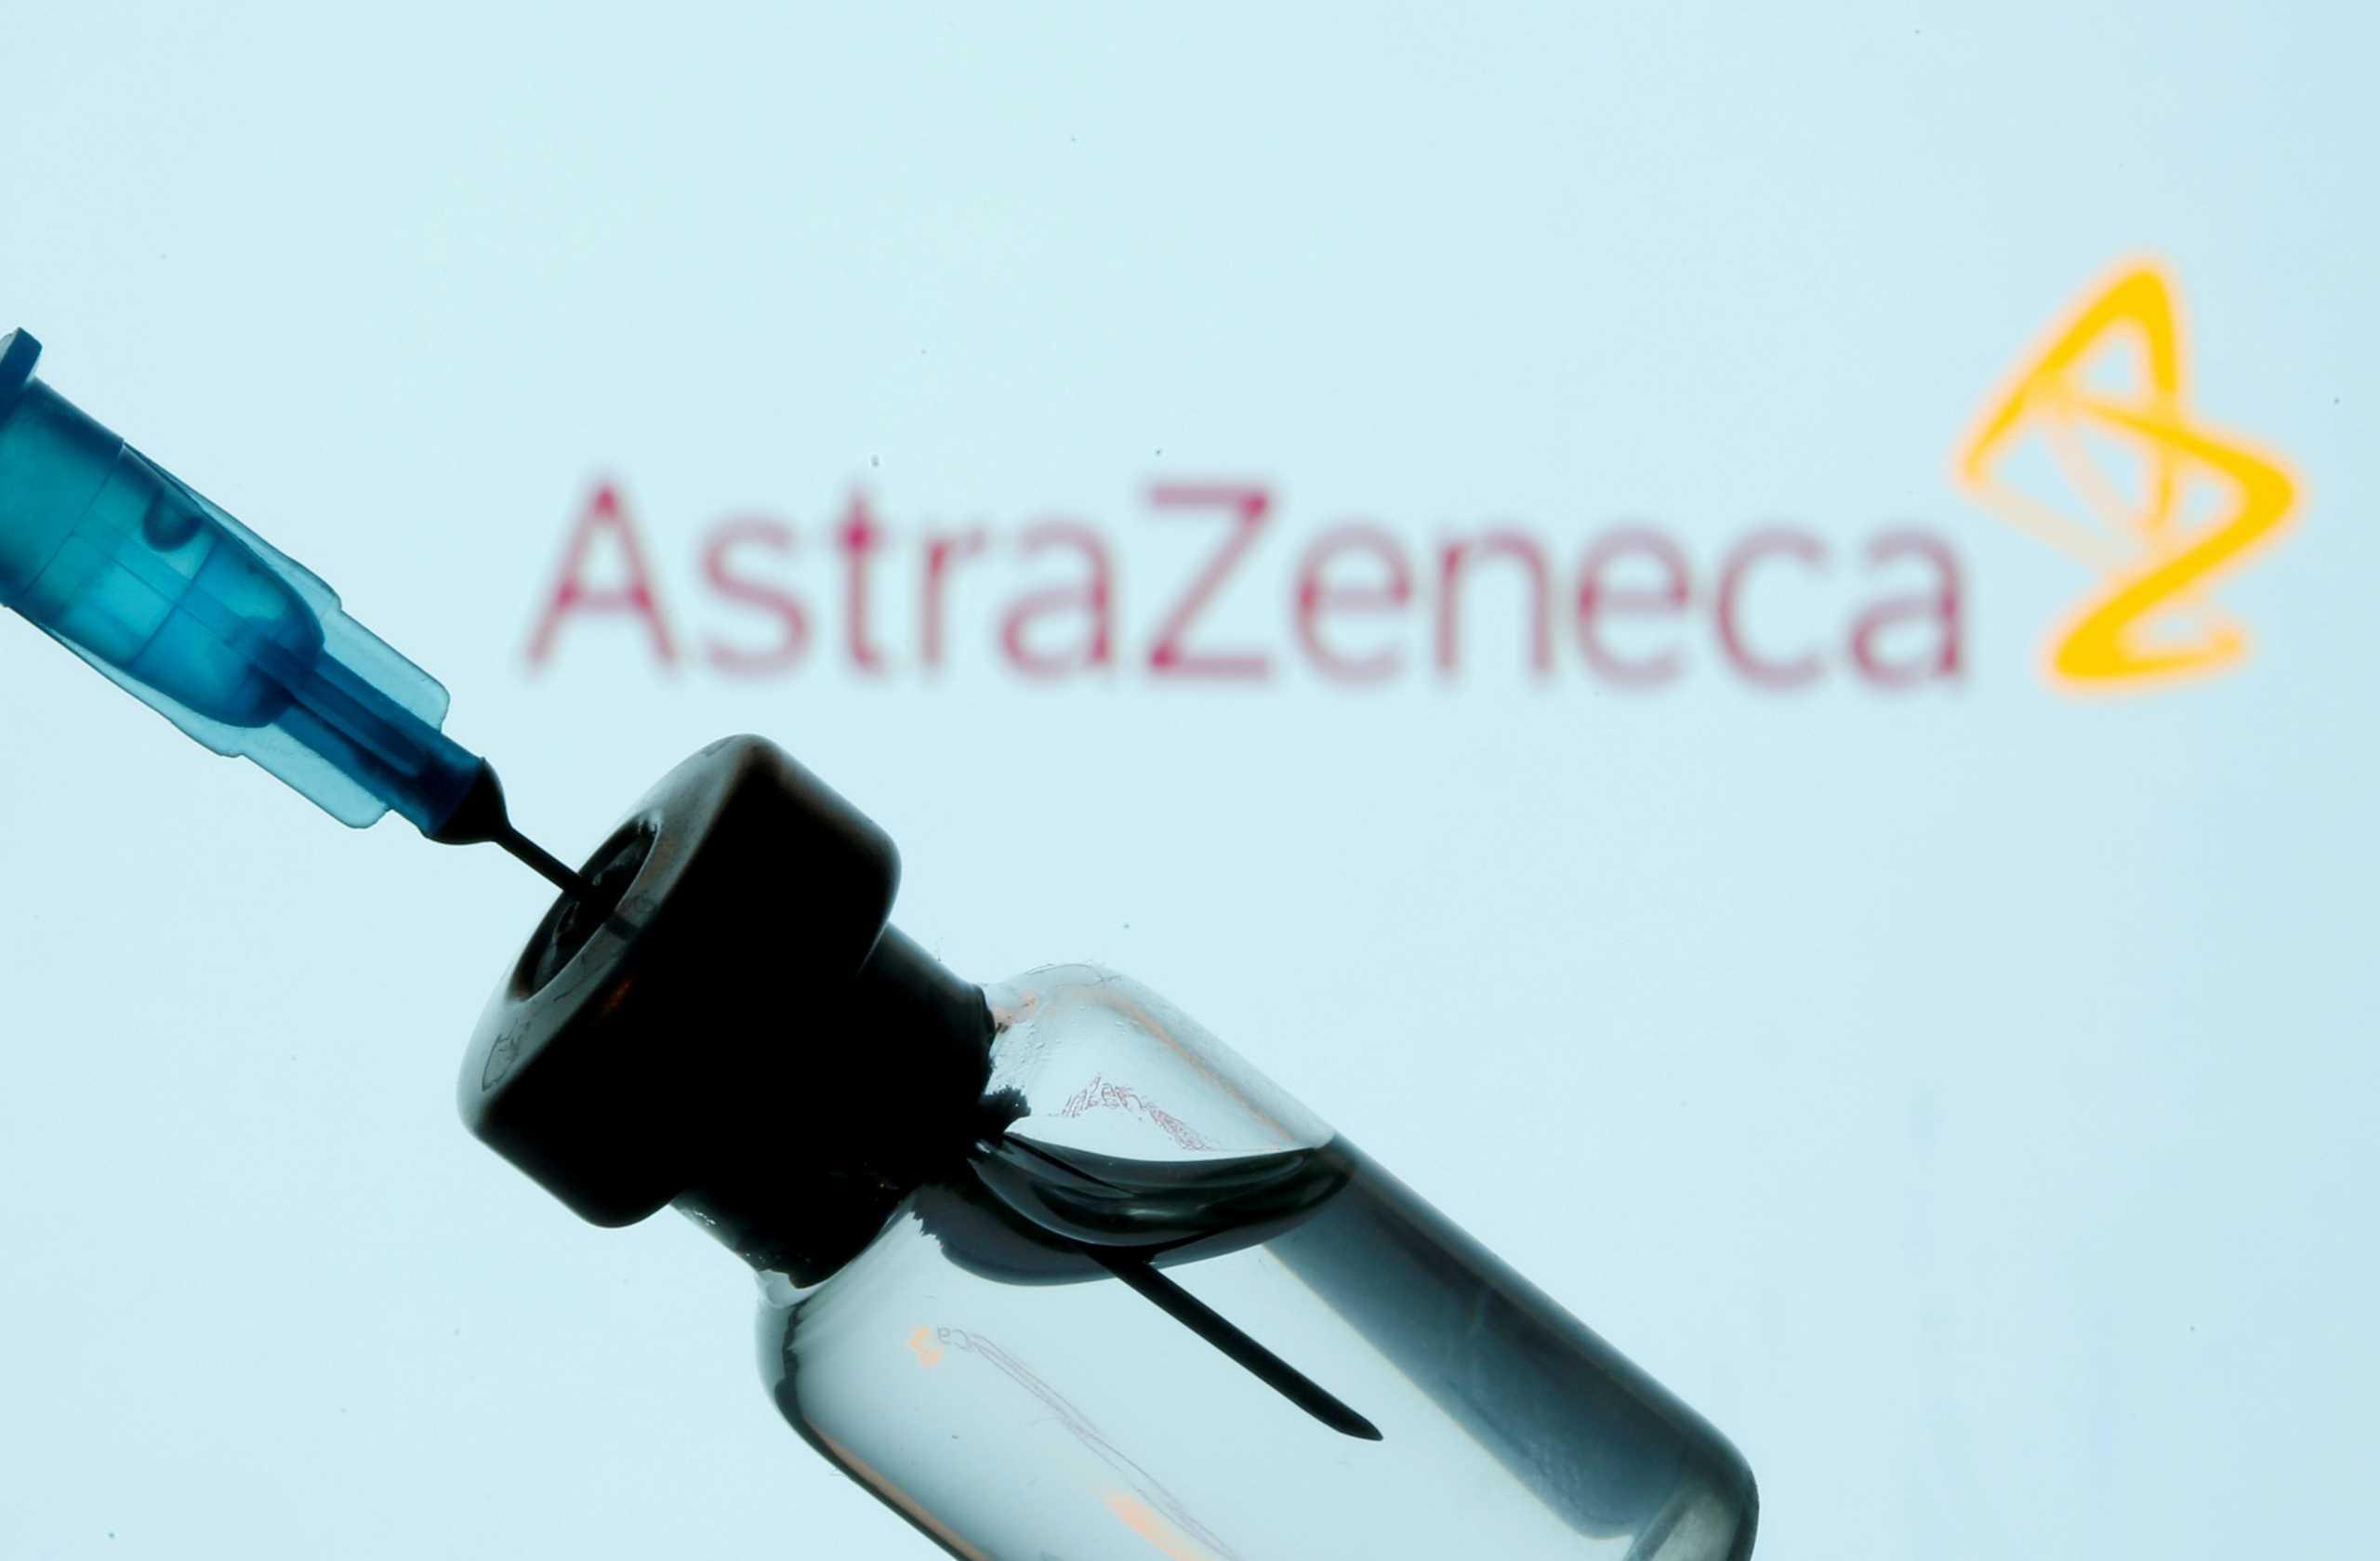 Κρήτη: Οδύσσεια ο εμβολιασμός για κάποιους κατοίκους – Κάνουν ολόκληρο ταξίδι